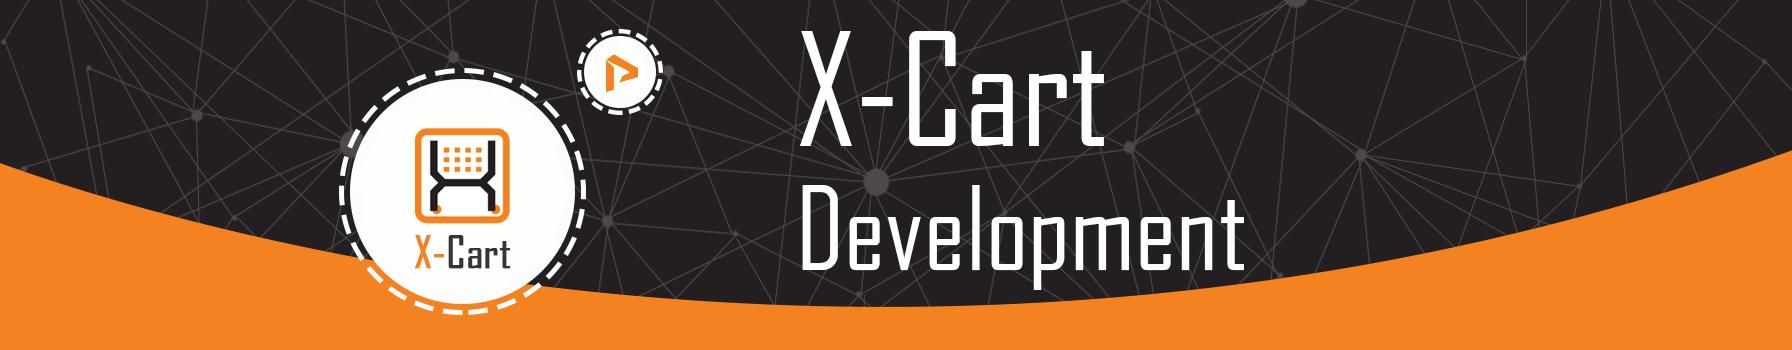 x-cart-development.png